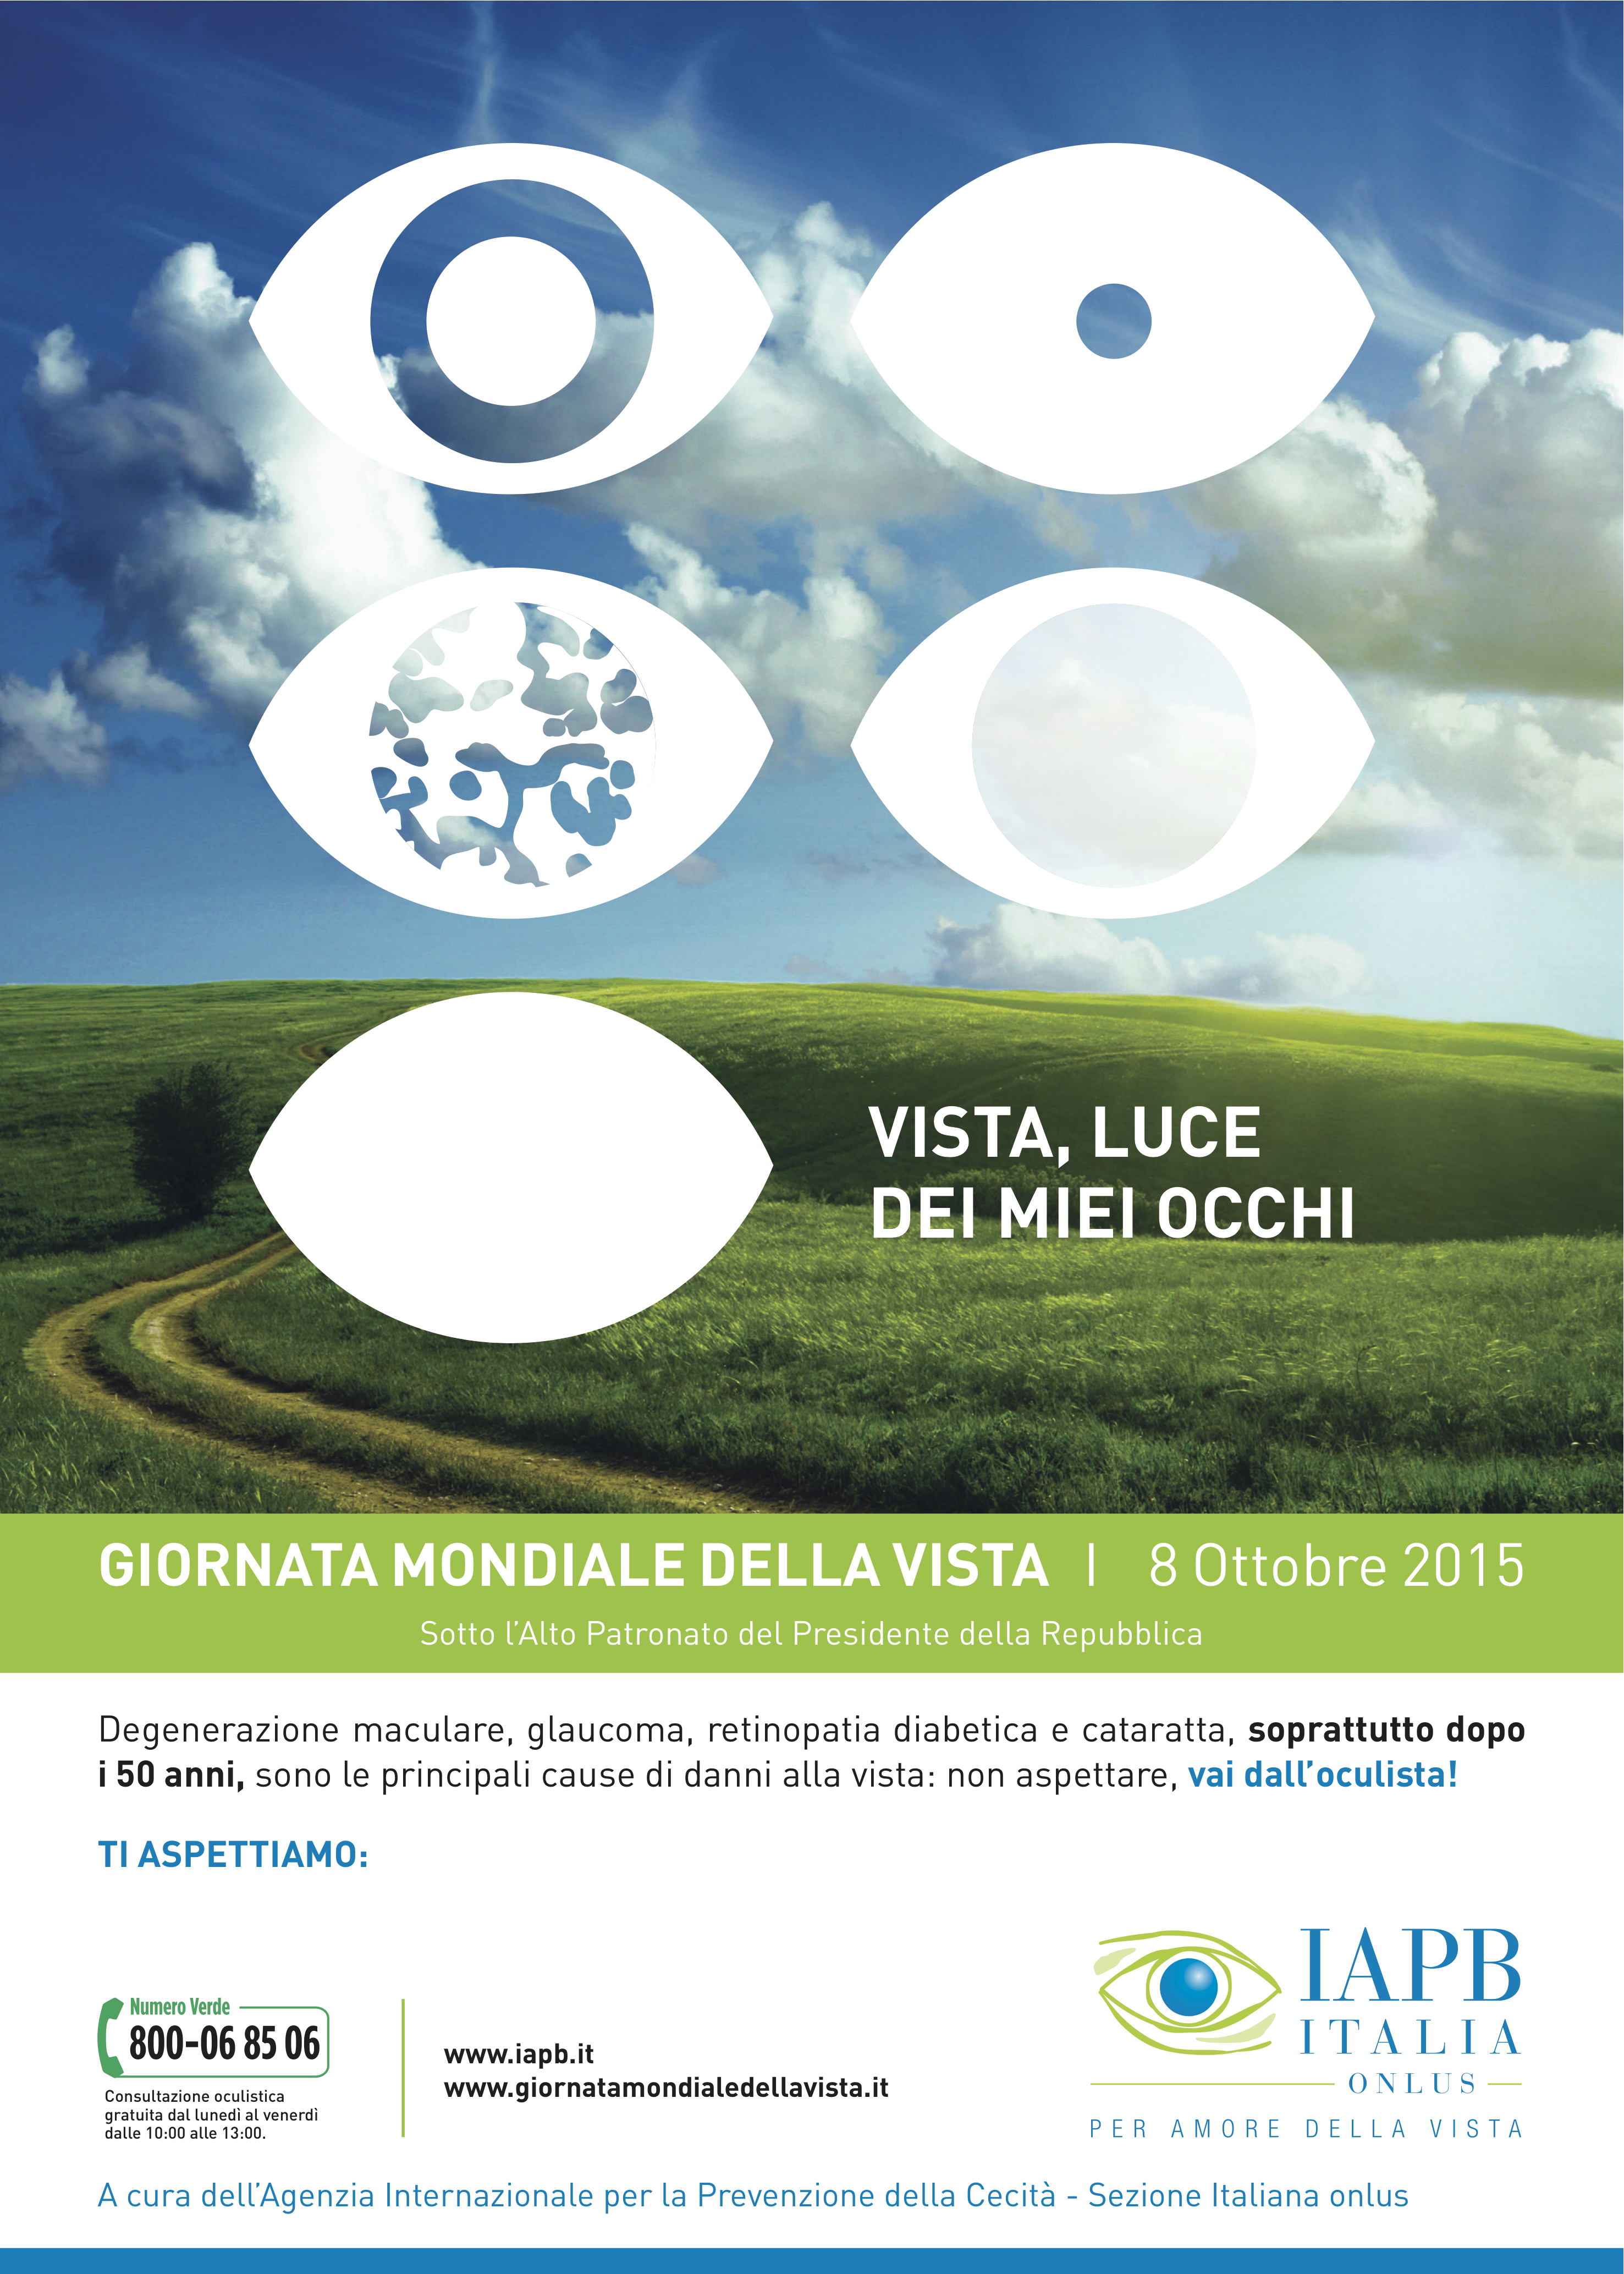 8 OTTOBRE 2015: Macula & Genoma Foundation ONLUS insieme a IAPB per la Giornata Mondiale della Vista